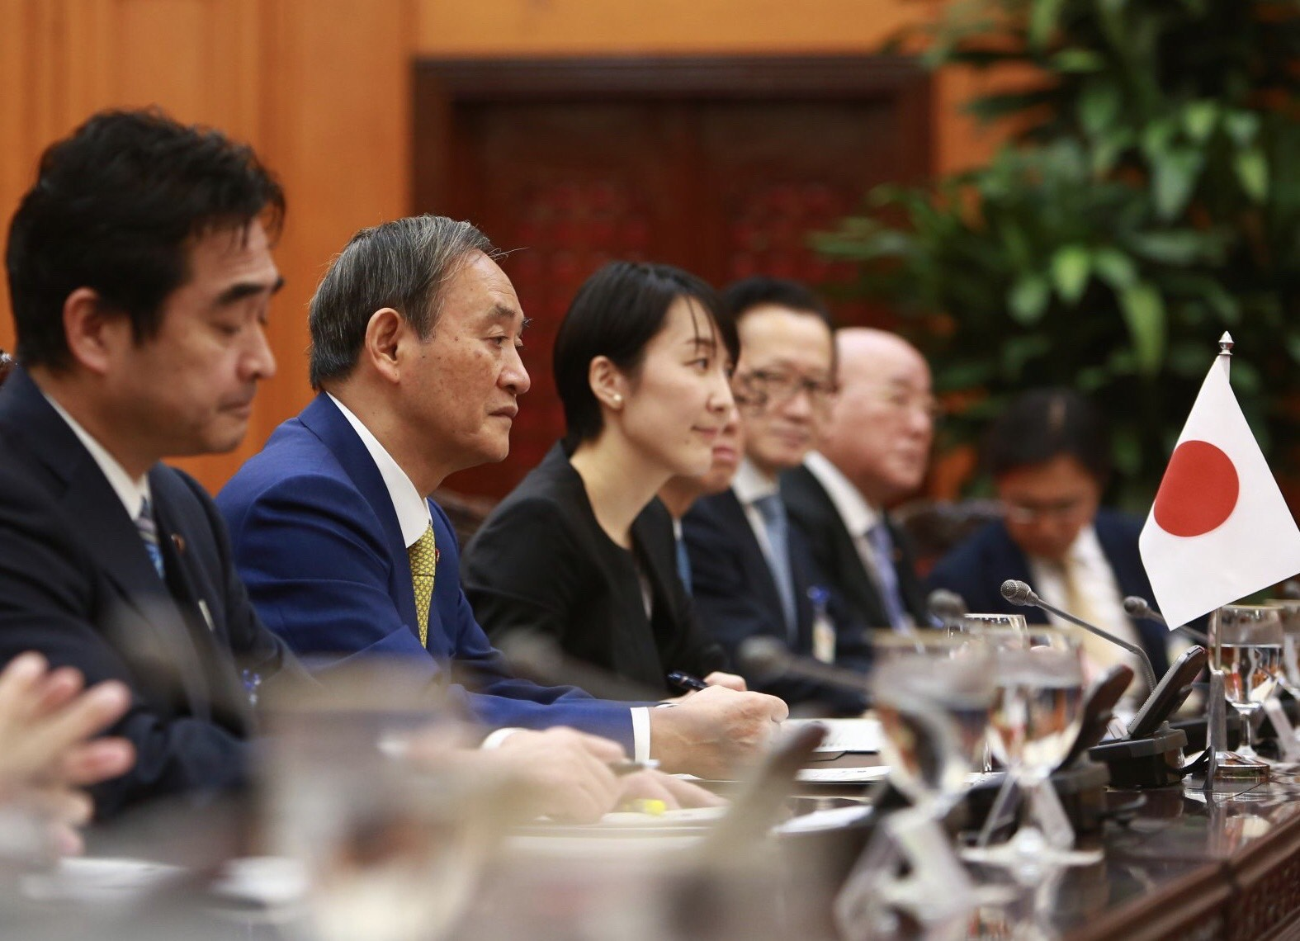 Thủ tướng Nguyễn Xuân Phúc chủ trì lễ đón thủ tướng Nhật Bản Suga Yoshihide ảnh 9